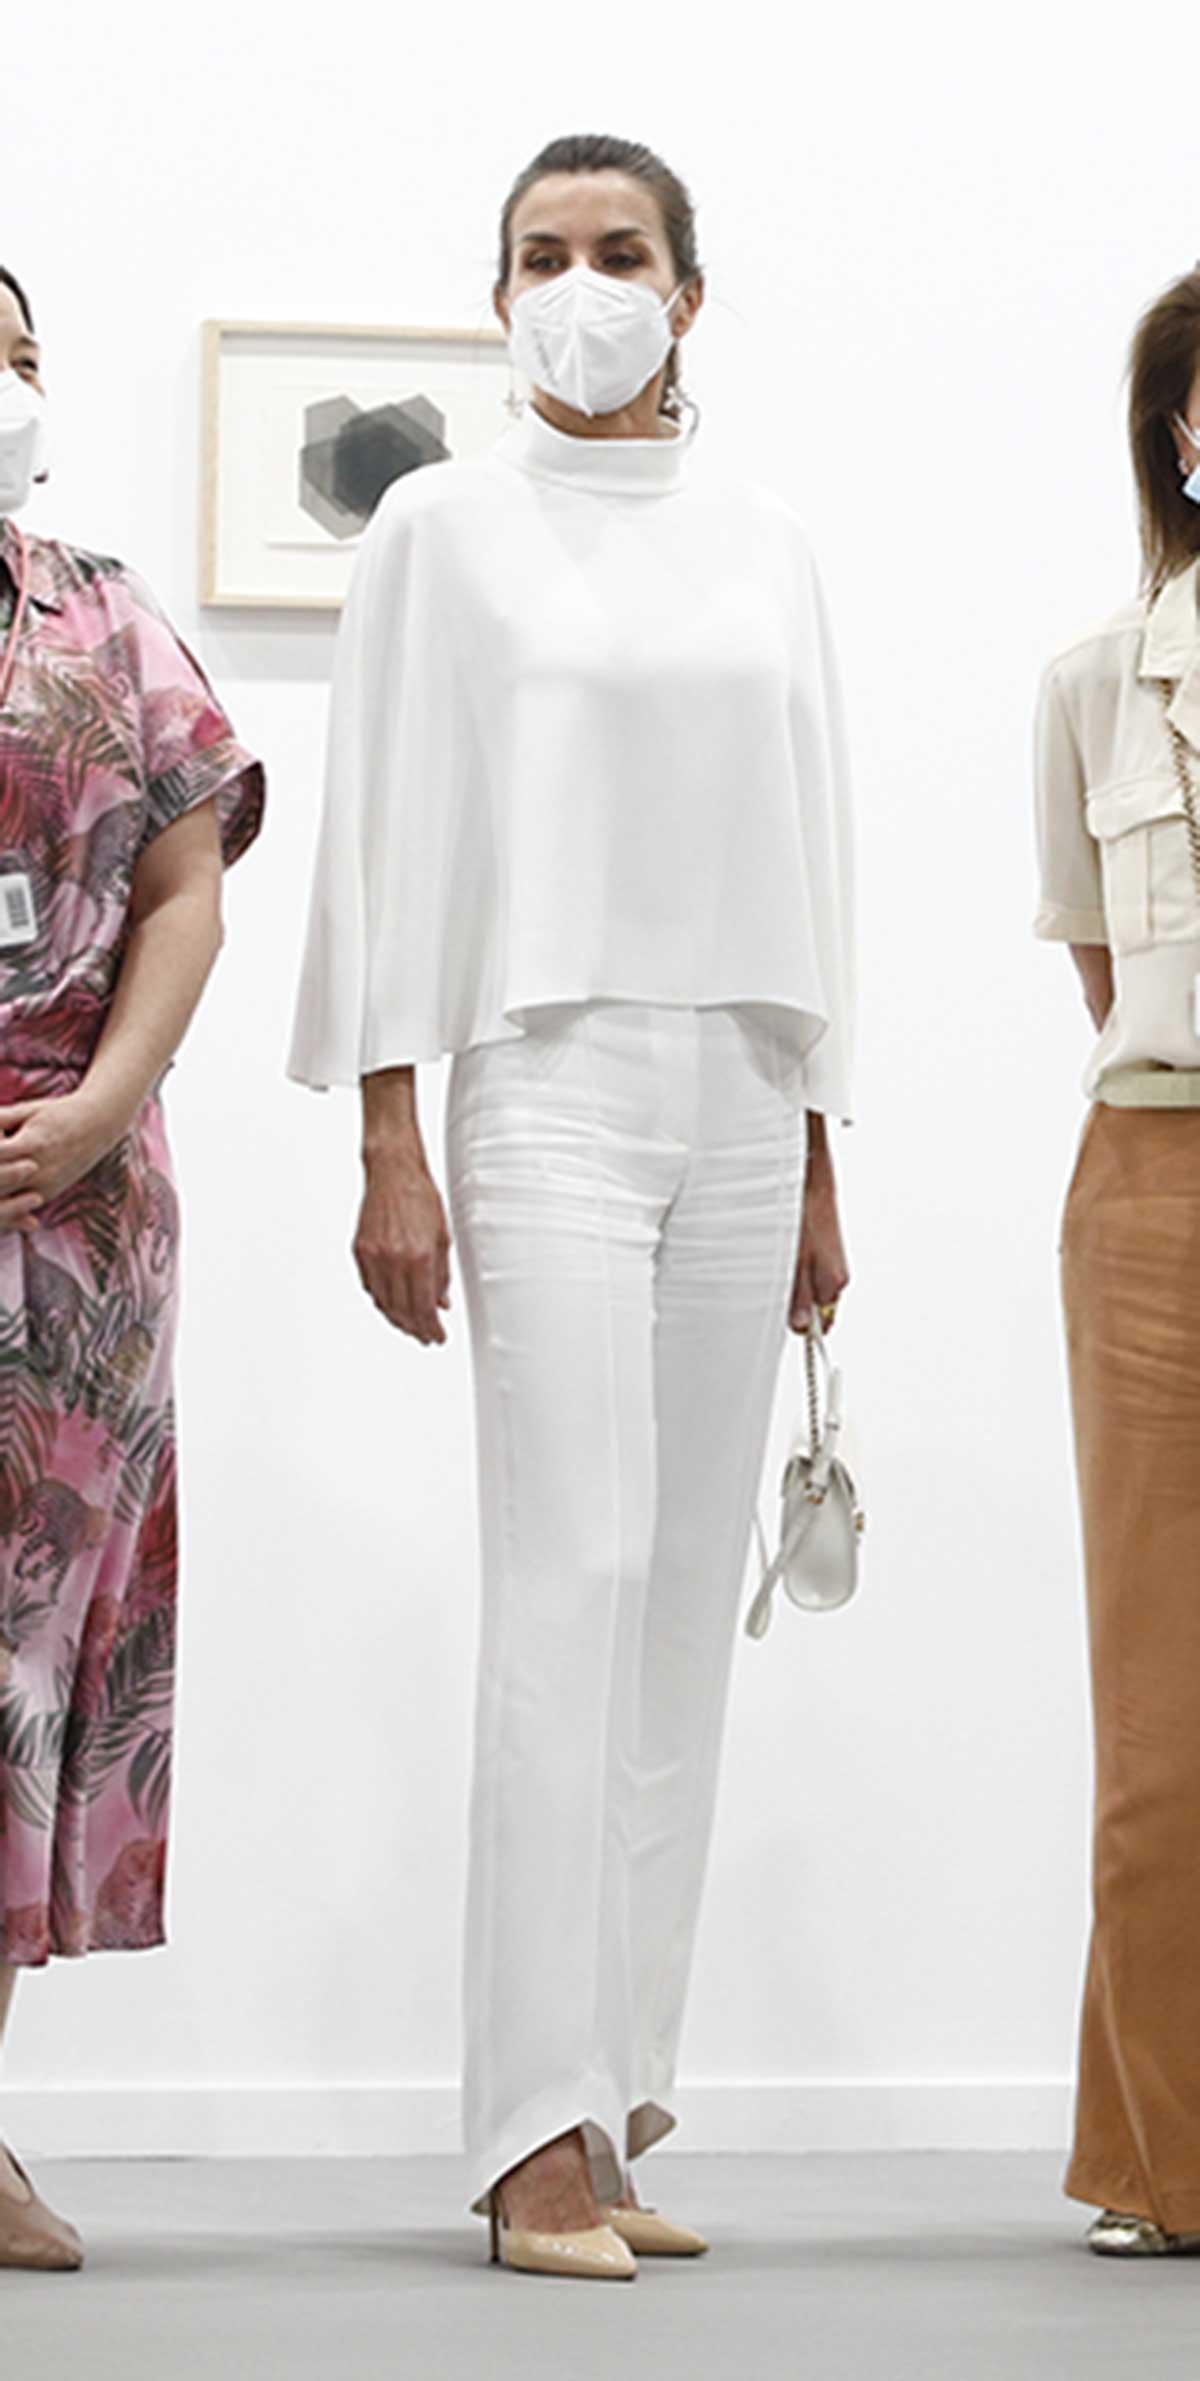 La reina Letizia arrasa de nuevo y agota su look de moda sostenible en horas 1